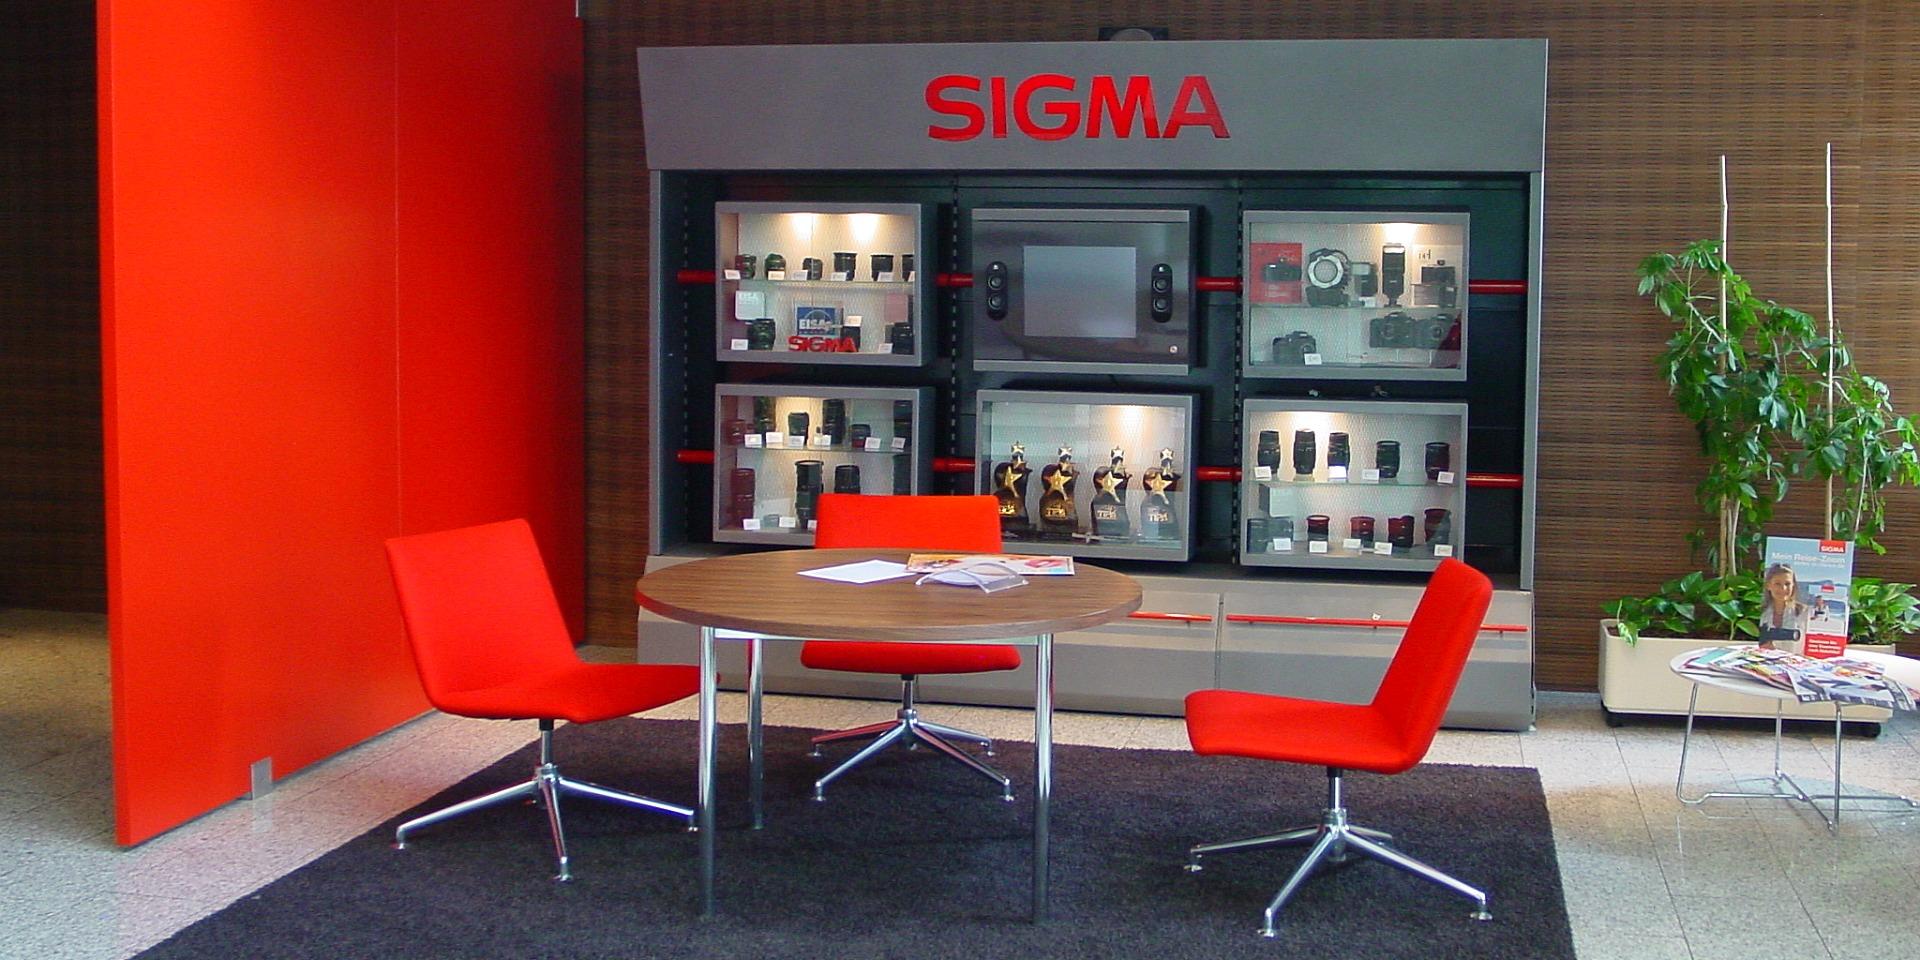 Umbau und Neugestaltung Büroetage für SIGMA – Rodgau, Frick.Reichert Architekten